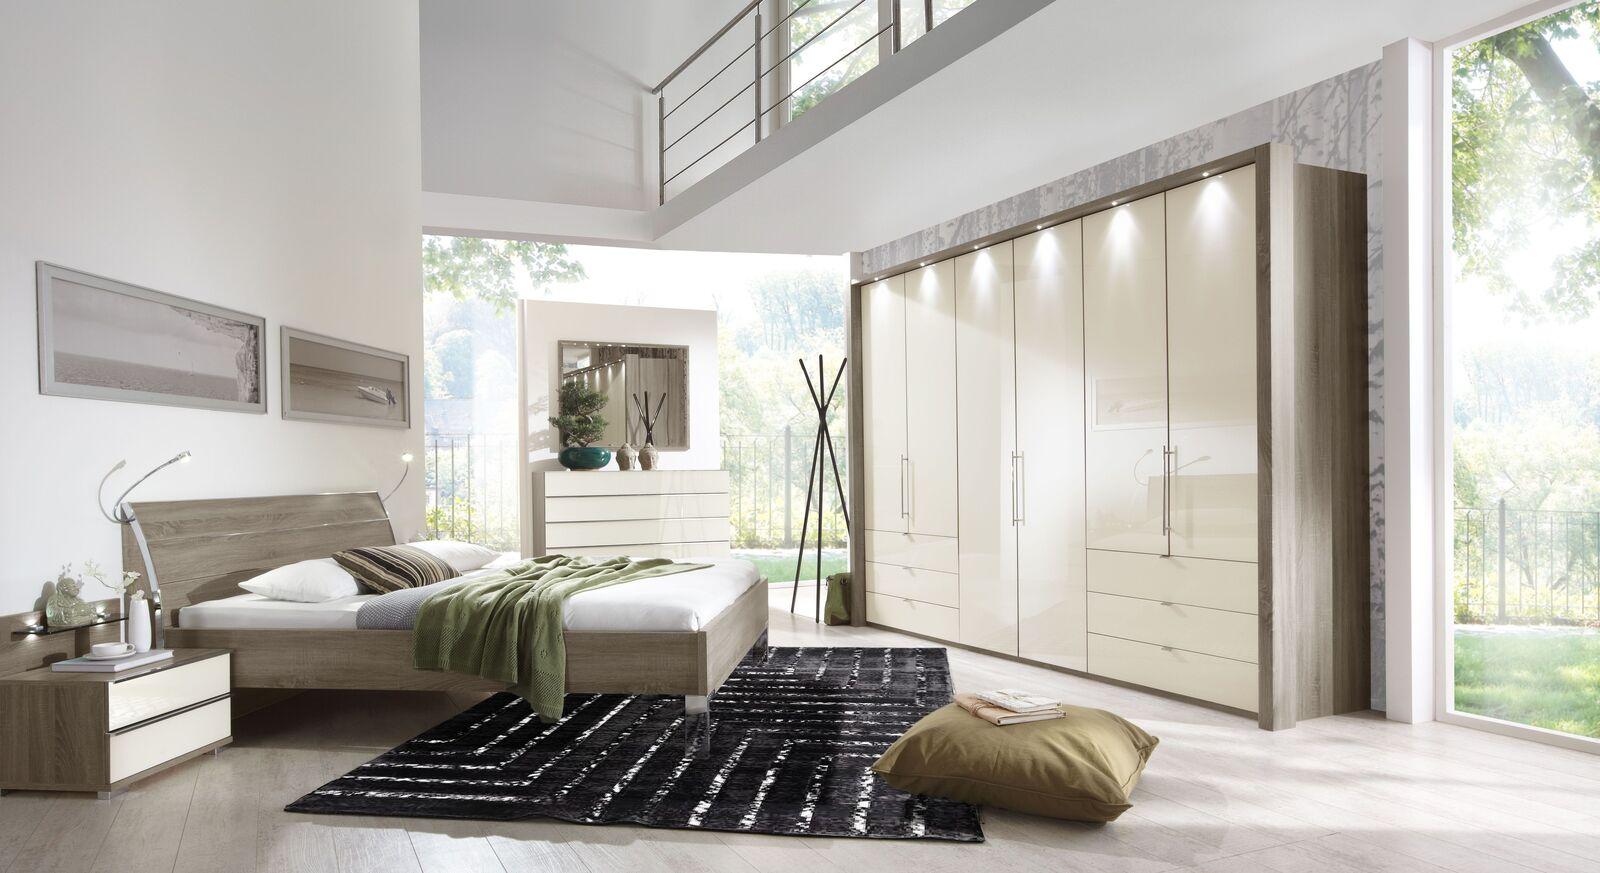 design schlafzimmer komplett – progo, Schlafzimmer entwurf